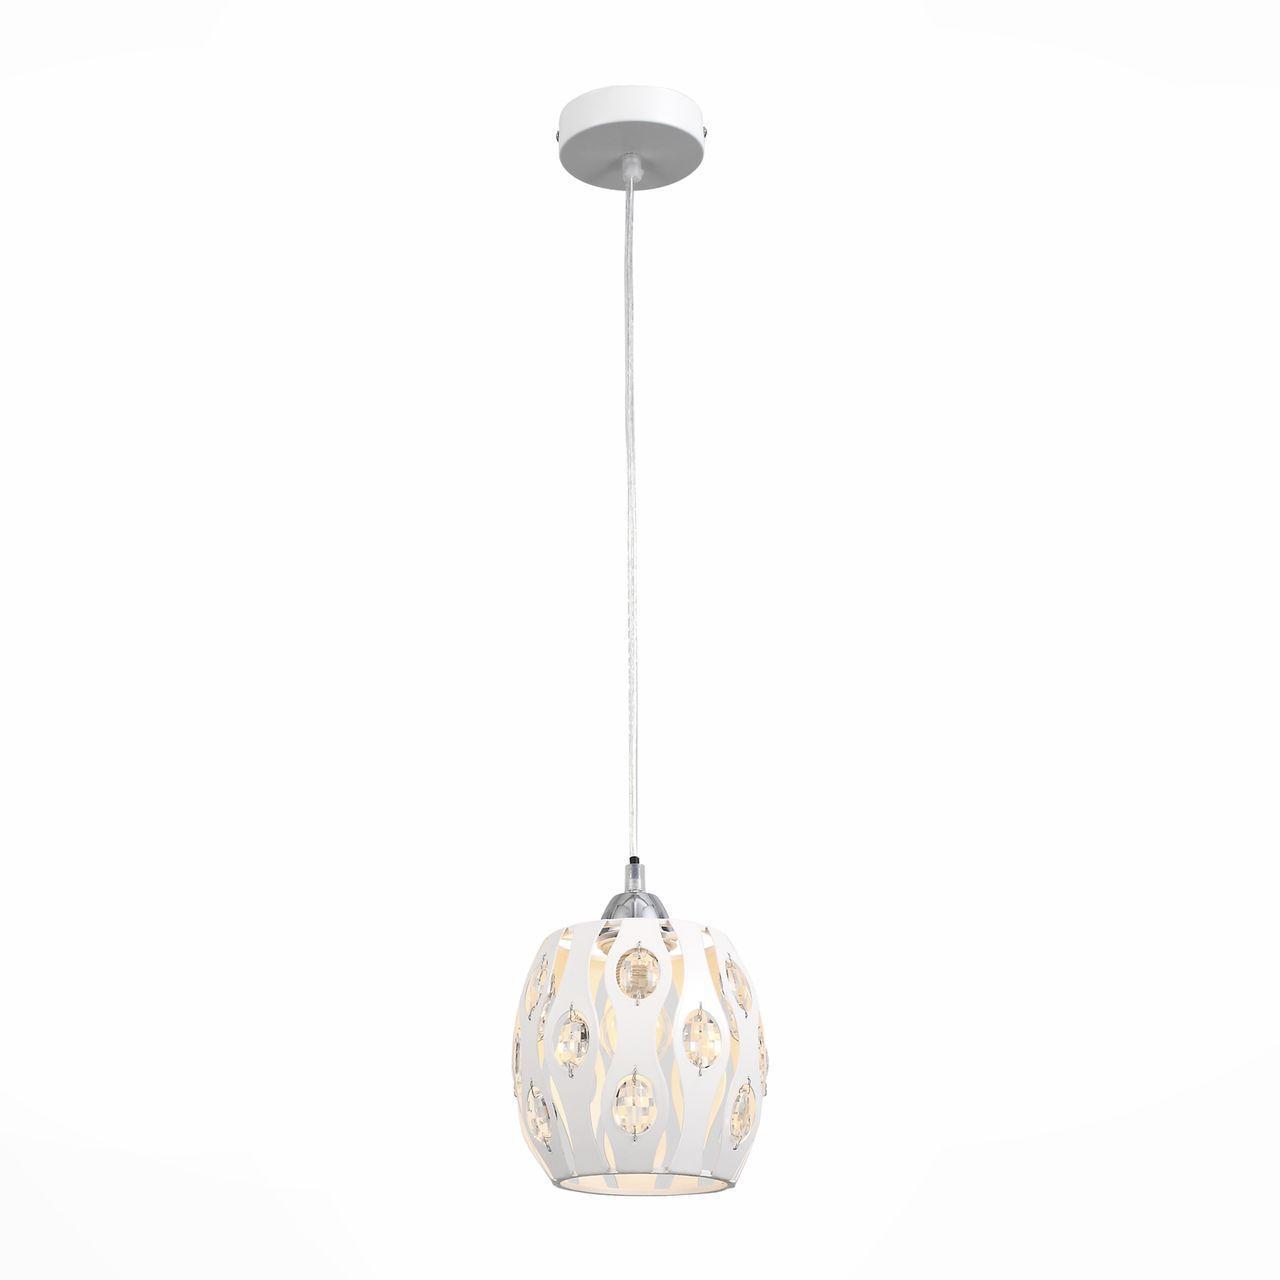 Подвесной светильник ST Luce SL793.503.01, белый настенный светильник st luce calma sl793 501 01